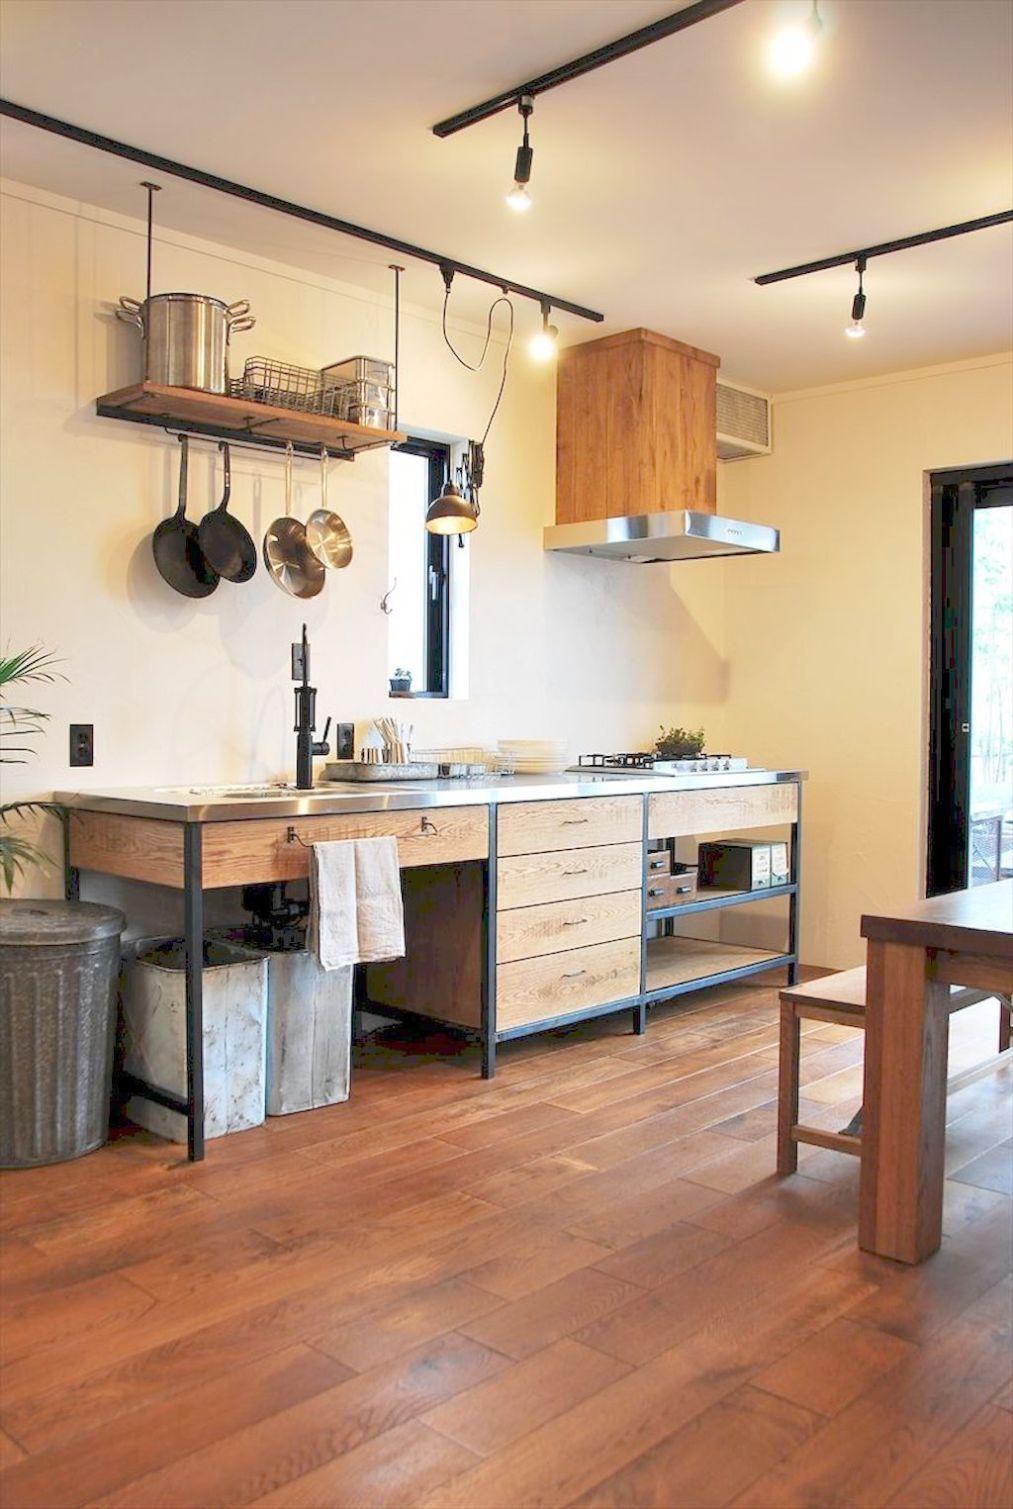 Furniture Stores Near Me That Deliver Furniture Stores Erie Pa Kitchen Tiles Backsplash Kitchen Design Diy White Tile Kitchen Backsplash